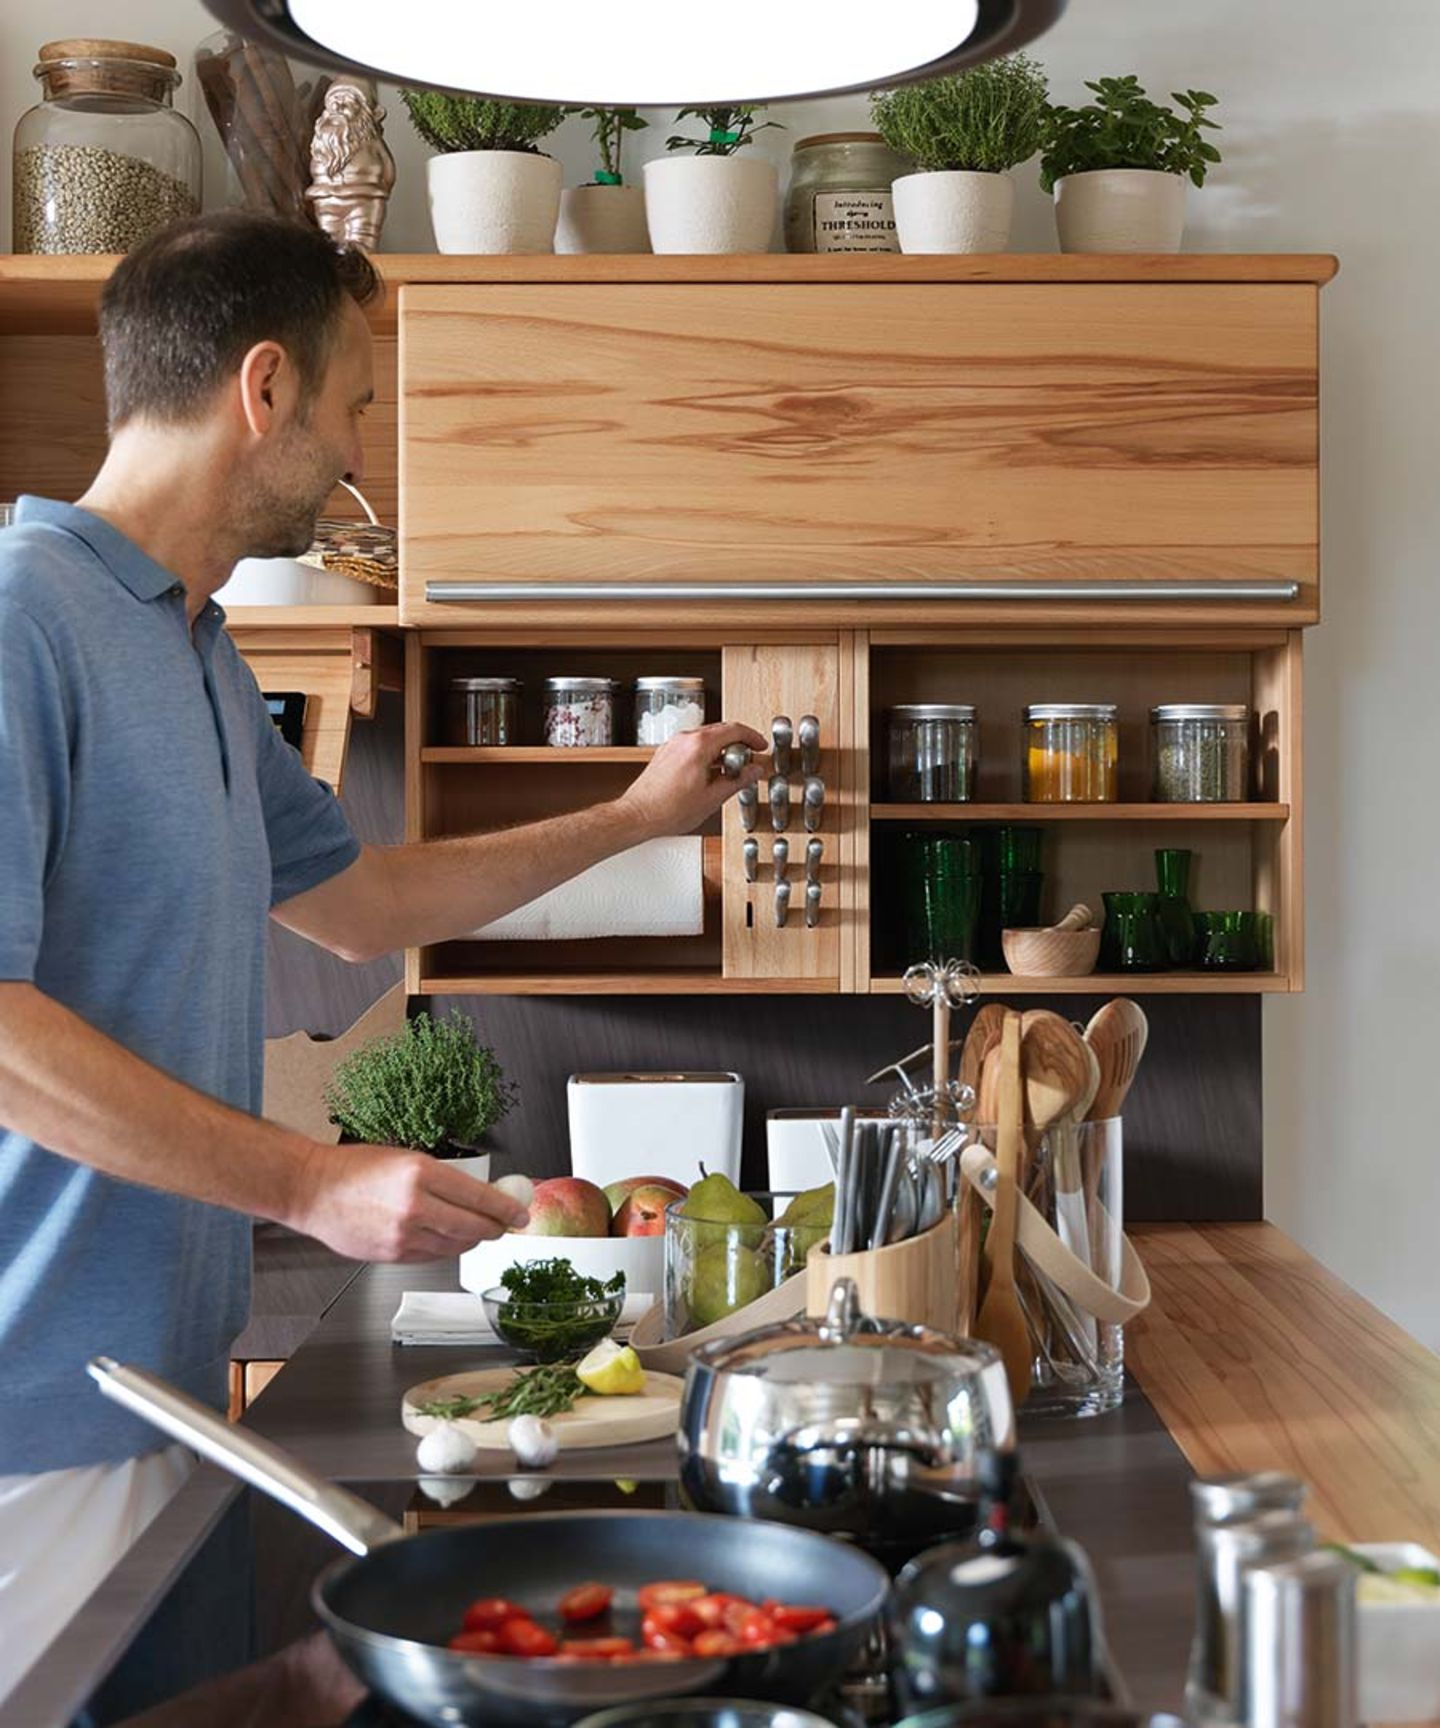 Cuisine en bois massif rondo avec étagères et corniches